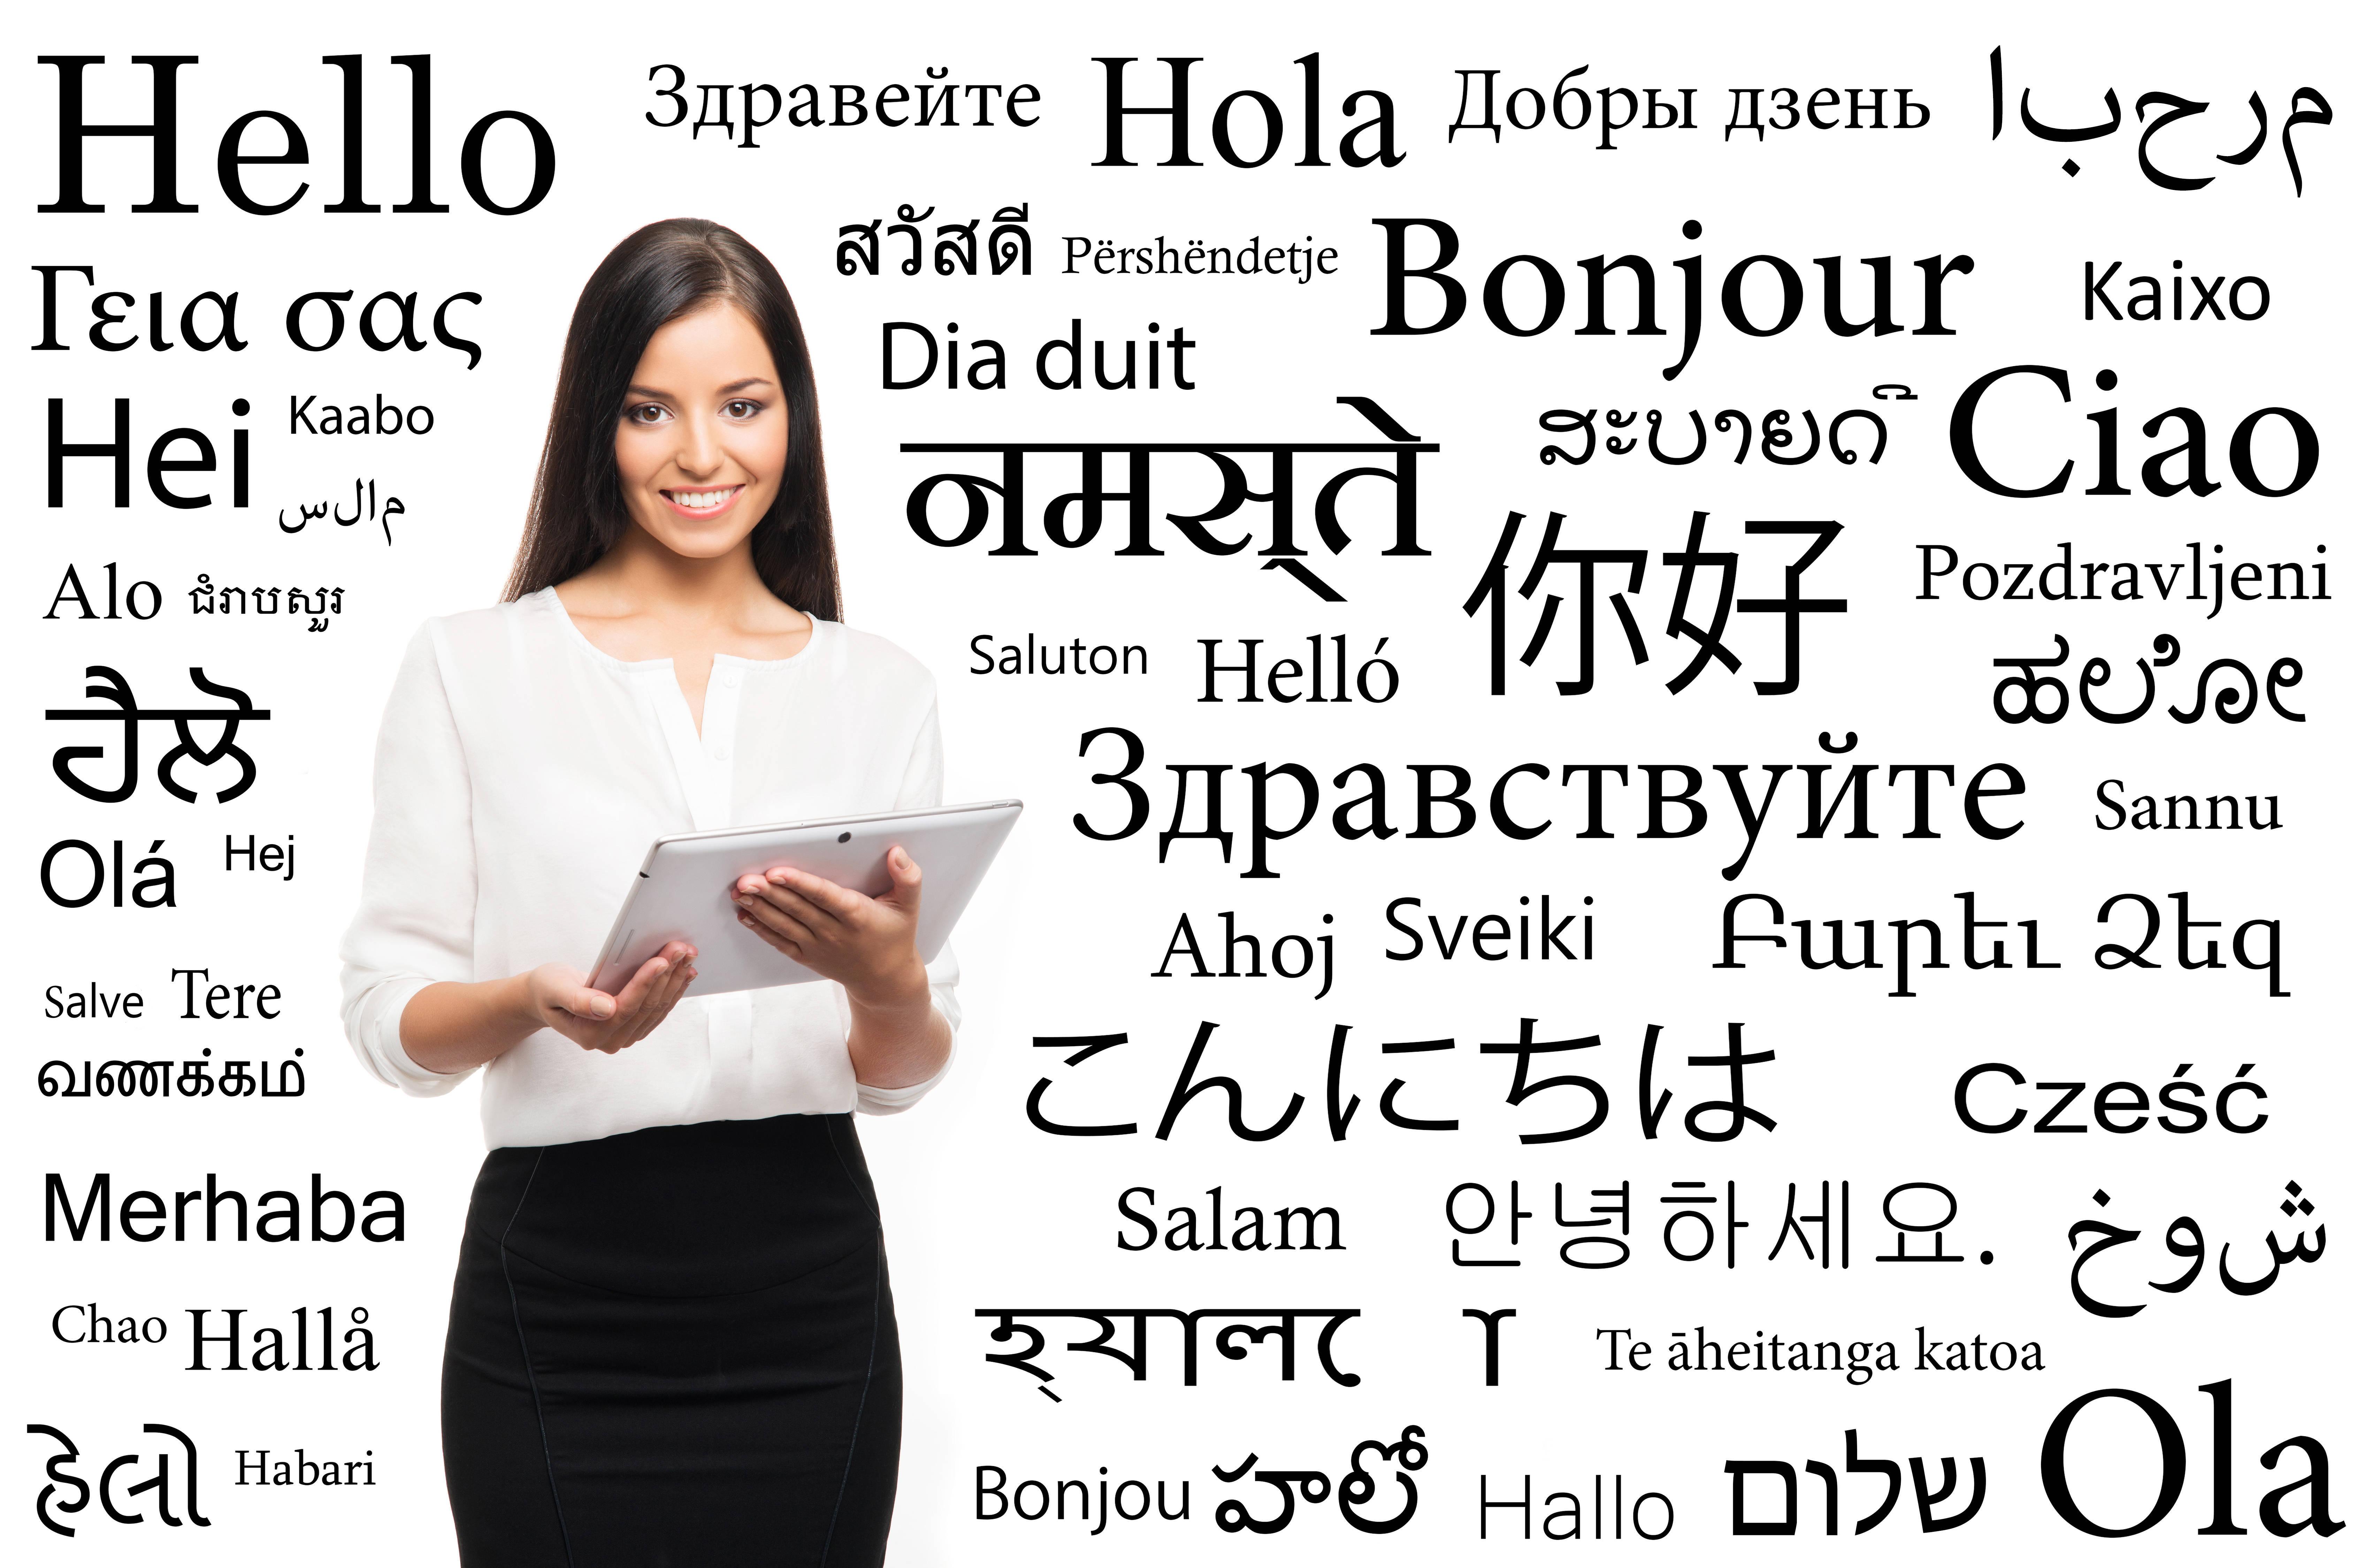 La traducción jurada, un negocio al alza